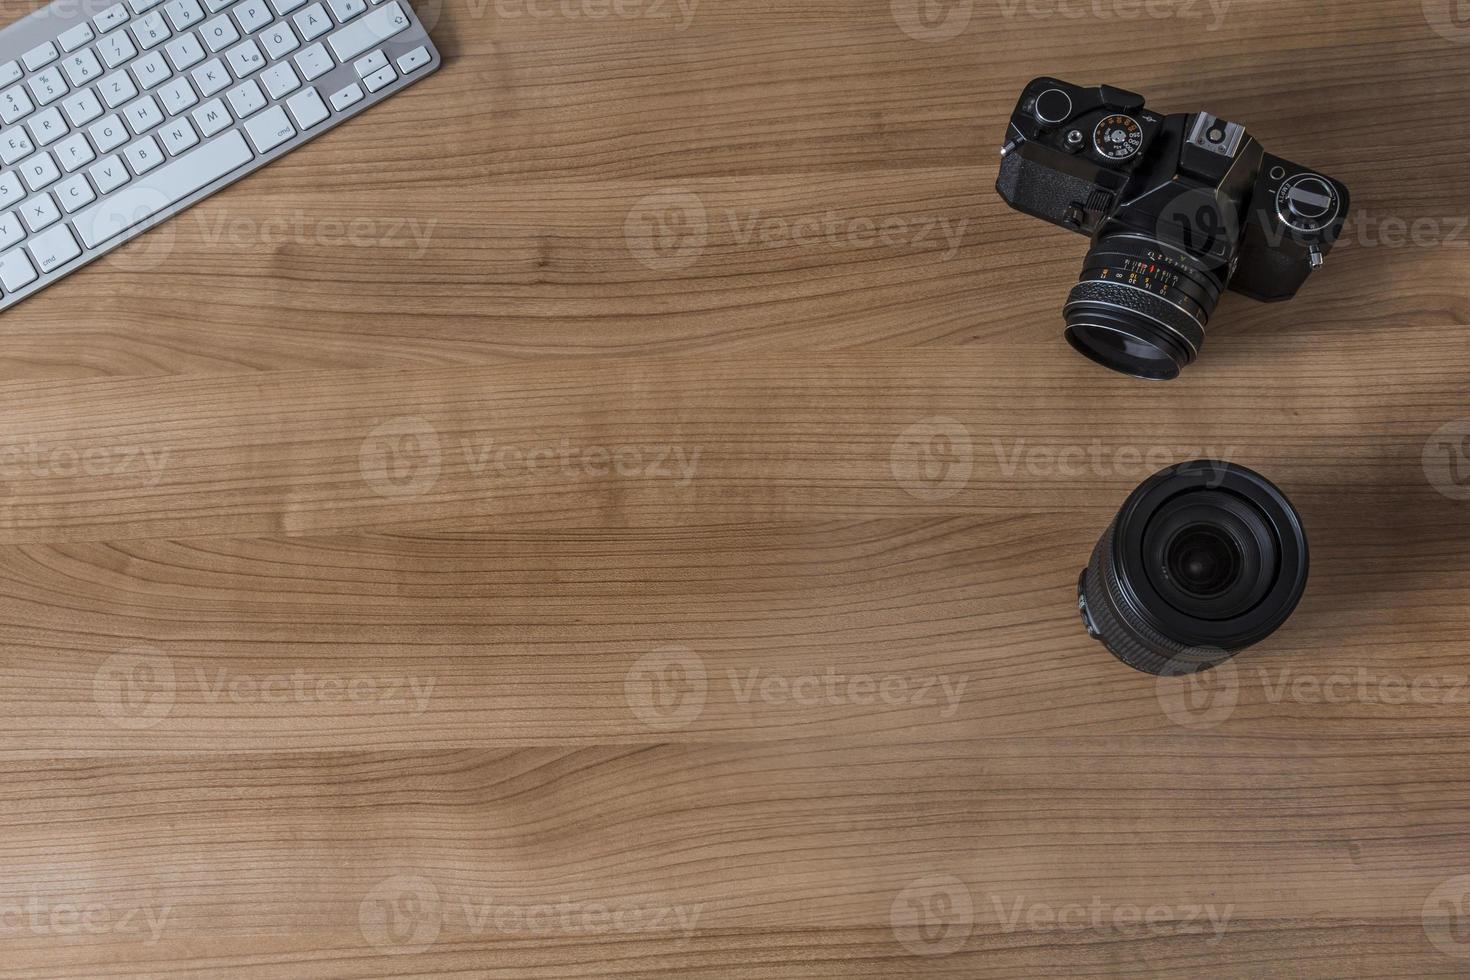 escritorio con teclado y cámara modernos foto